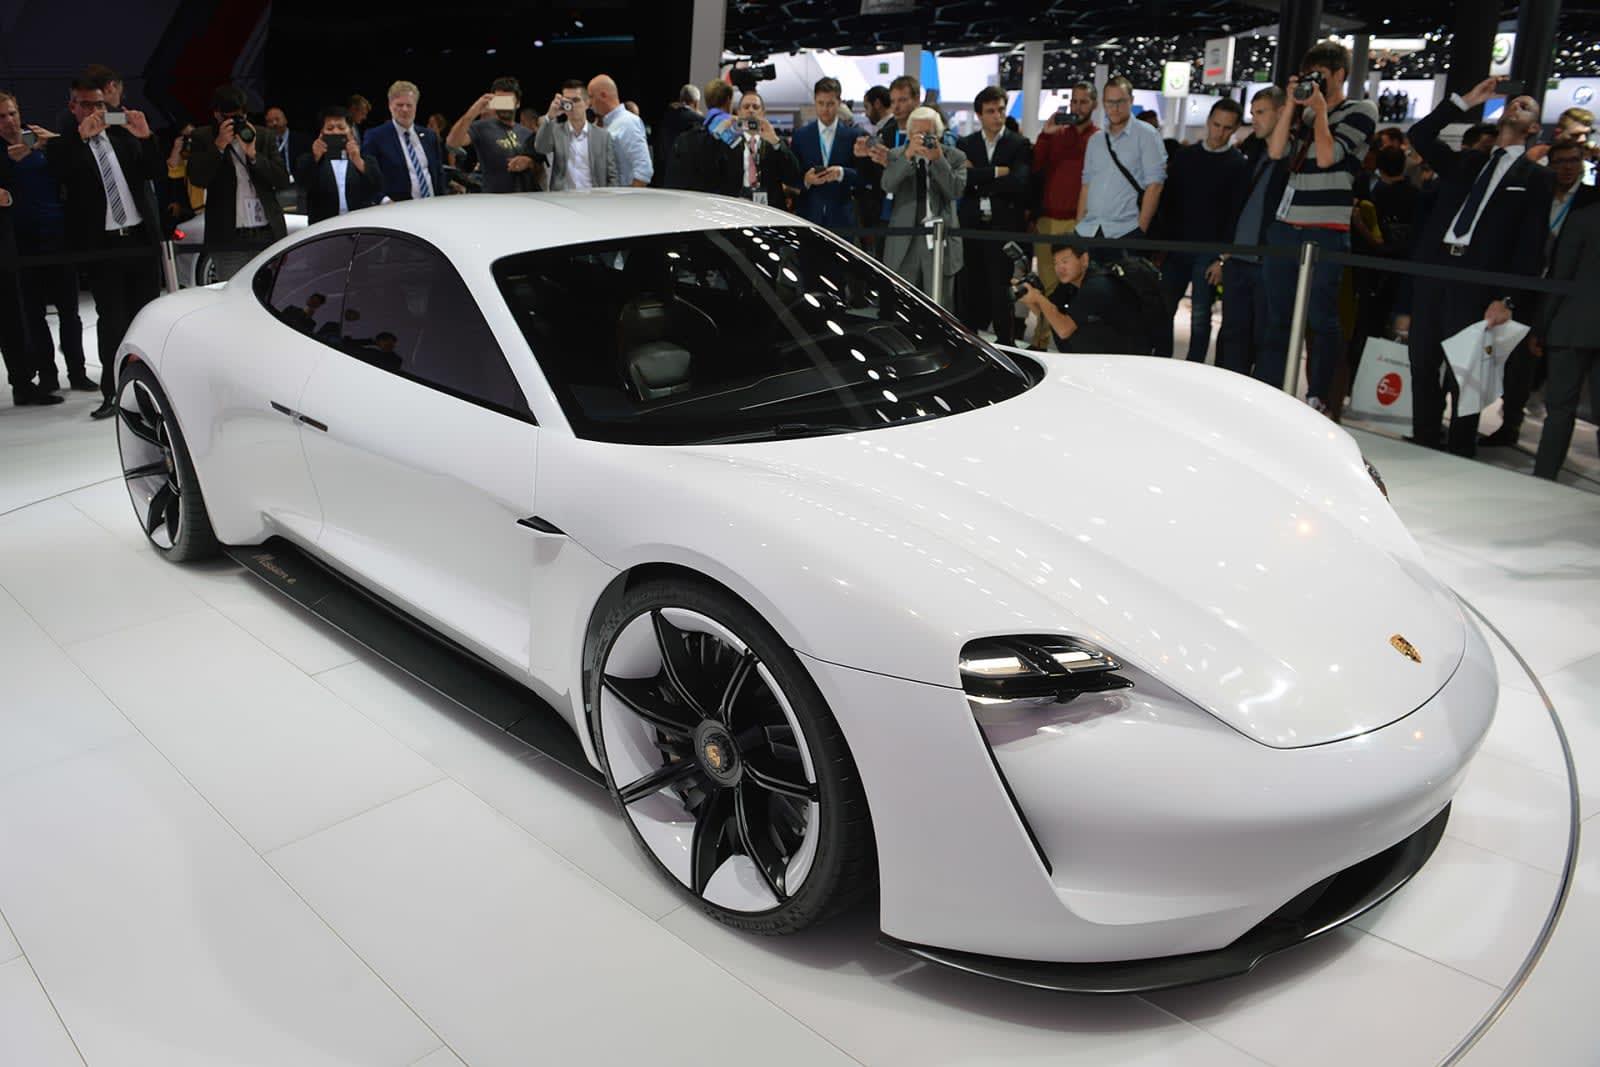 Porsche and Audi will share an electric car platform